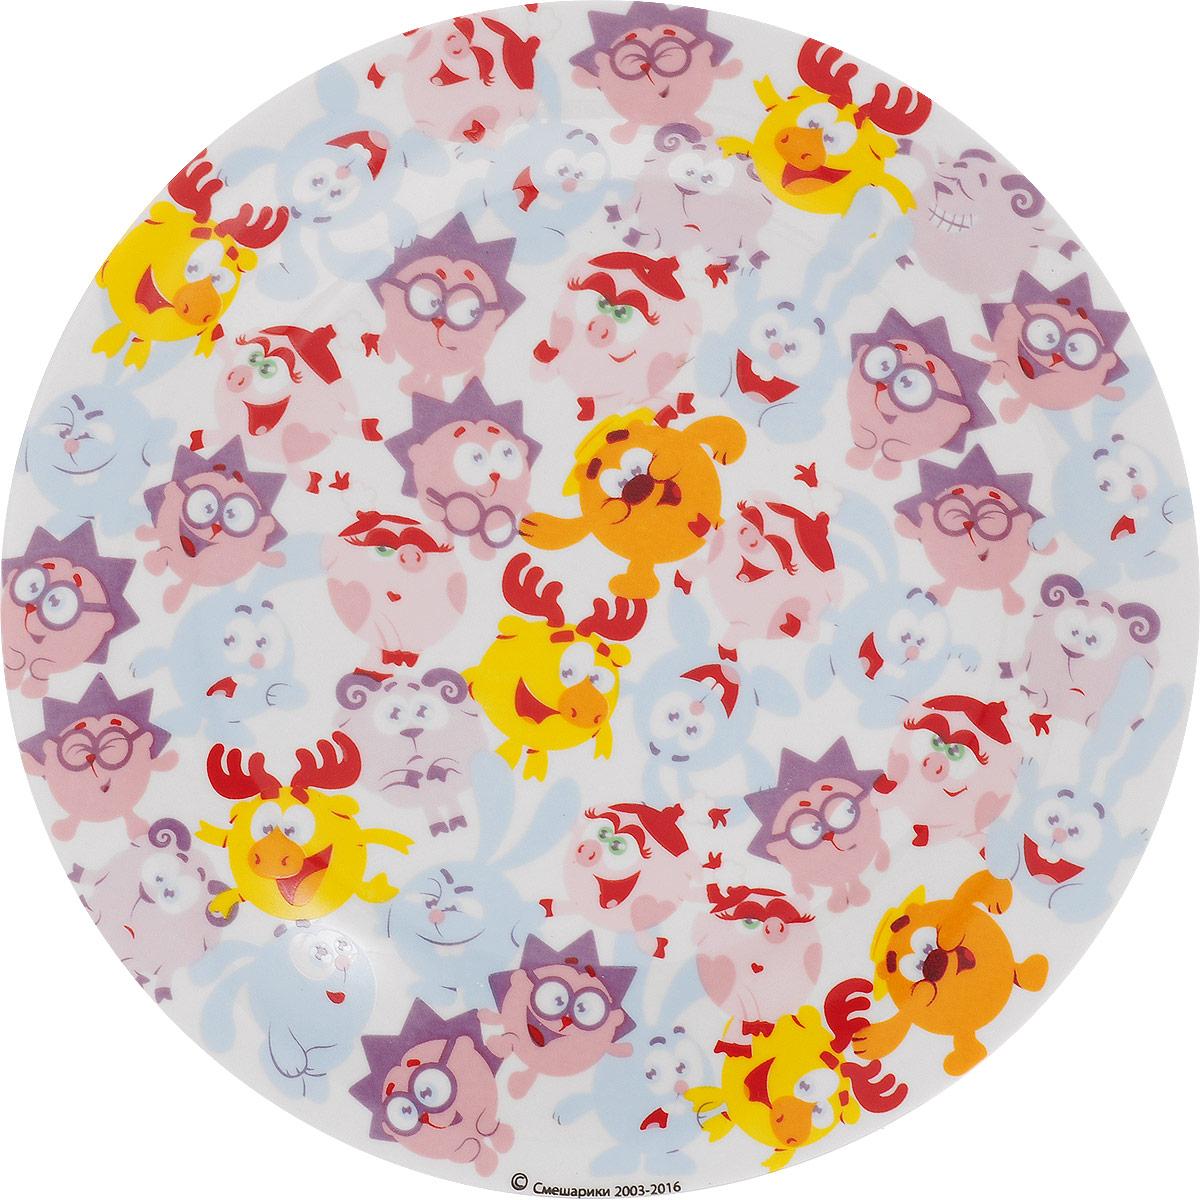 Смешарики Тарелка детская Бум диаметр 19 смSMP190-1Детская тарелка Смешарики Бум идеально подойдет для кормления малыша и самостоятельного приема пищи. Тарелка выполнена из керамики, ее широкие бортики обеспечат удобство кормления и предотвратят случайное проливание жидкой пищи.Тарелка оформлена яркими изображениями героев мультсериала Смешарики. Она предназначена для горячей и холодной пищи, подходит для мытья в посудомоечной машине и использования в микроволновой печи.Яркая тарелка с любимыми героями порадует малыша и сделает любой прием пищи приятным и веселым.